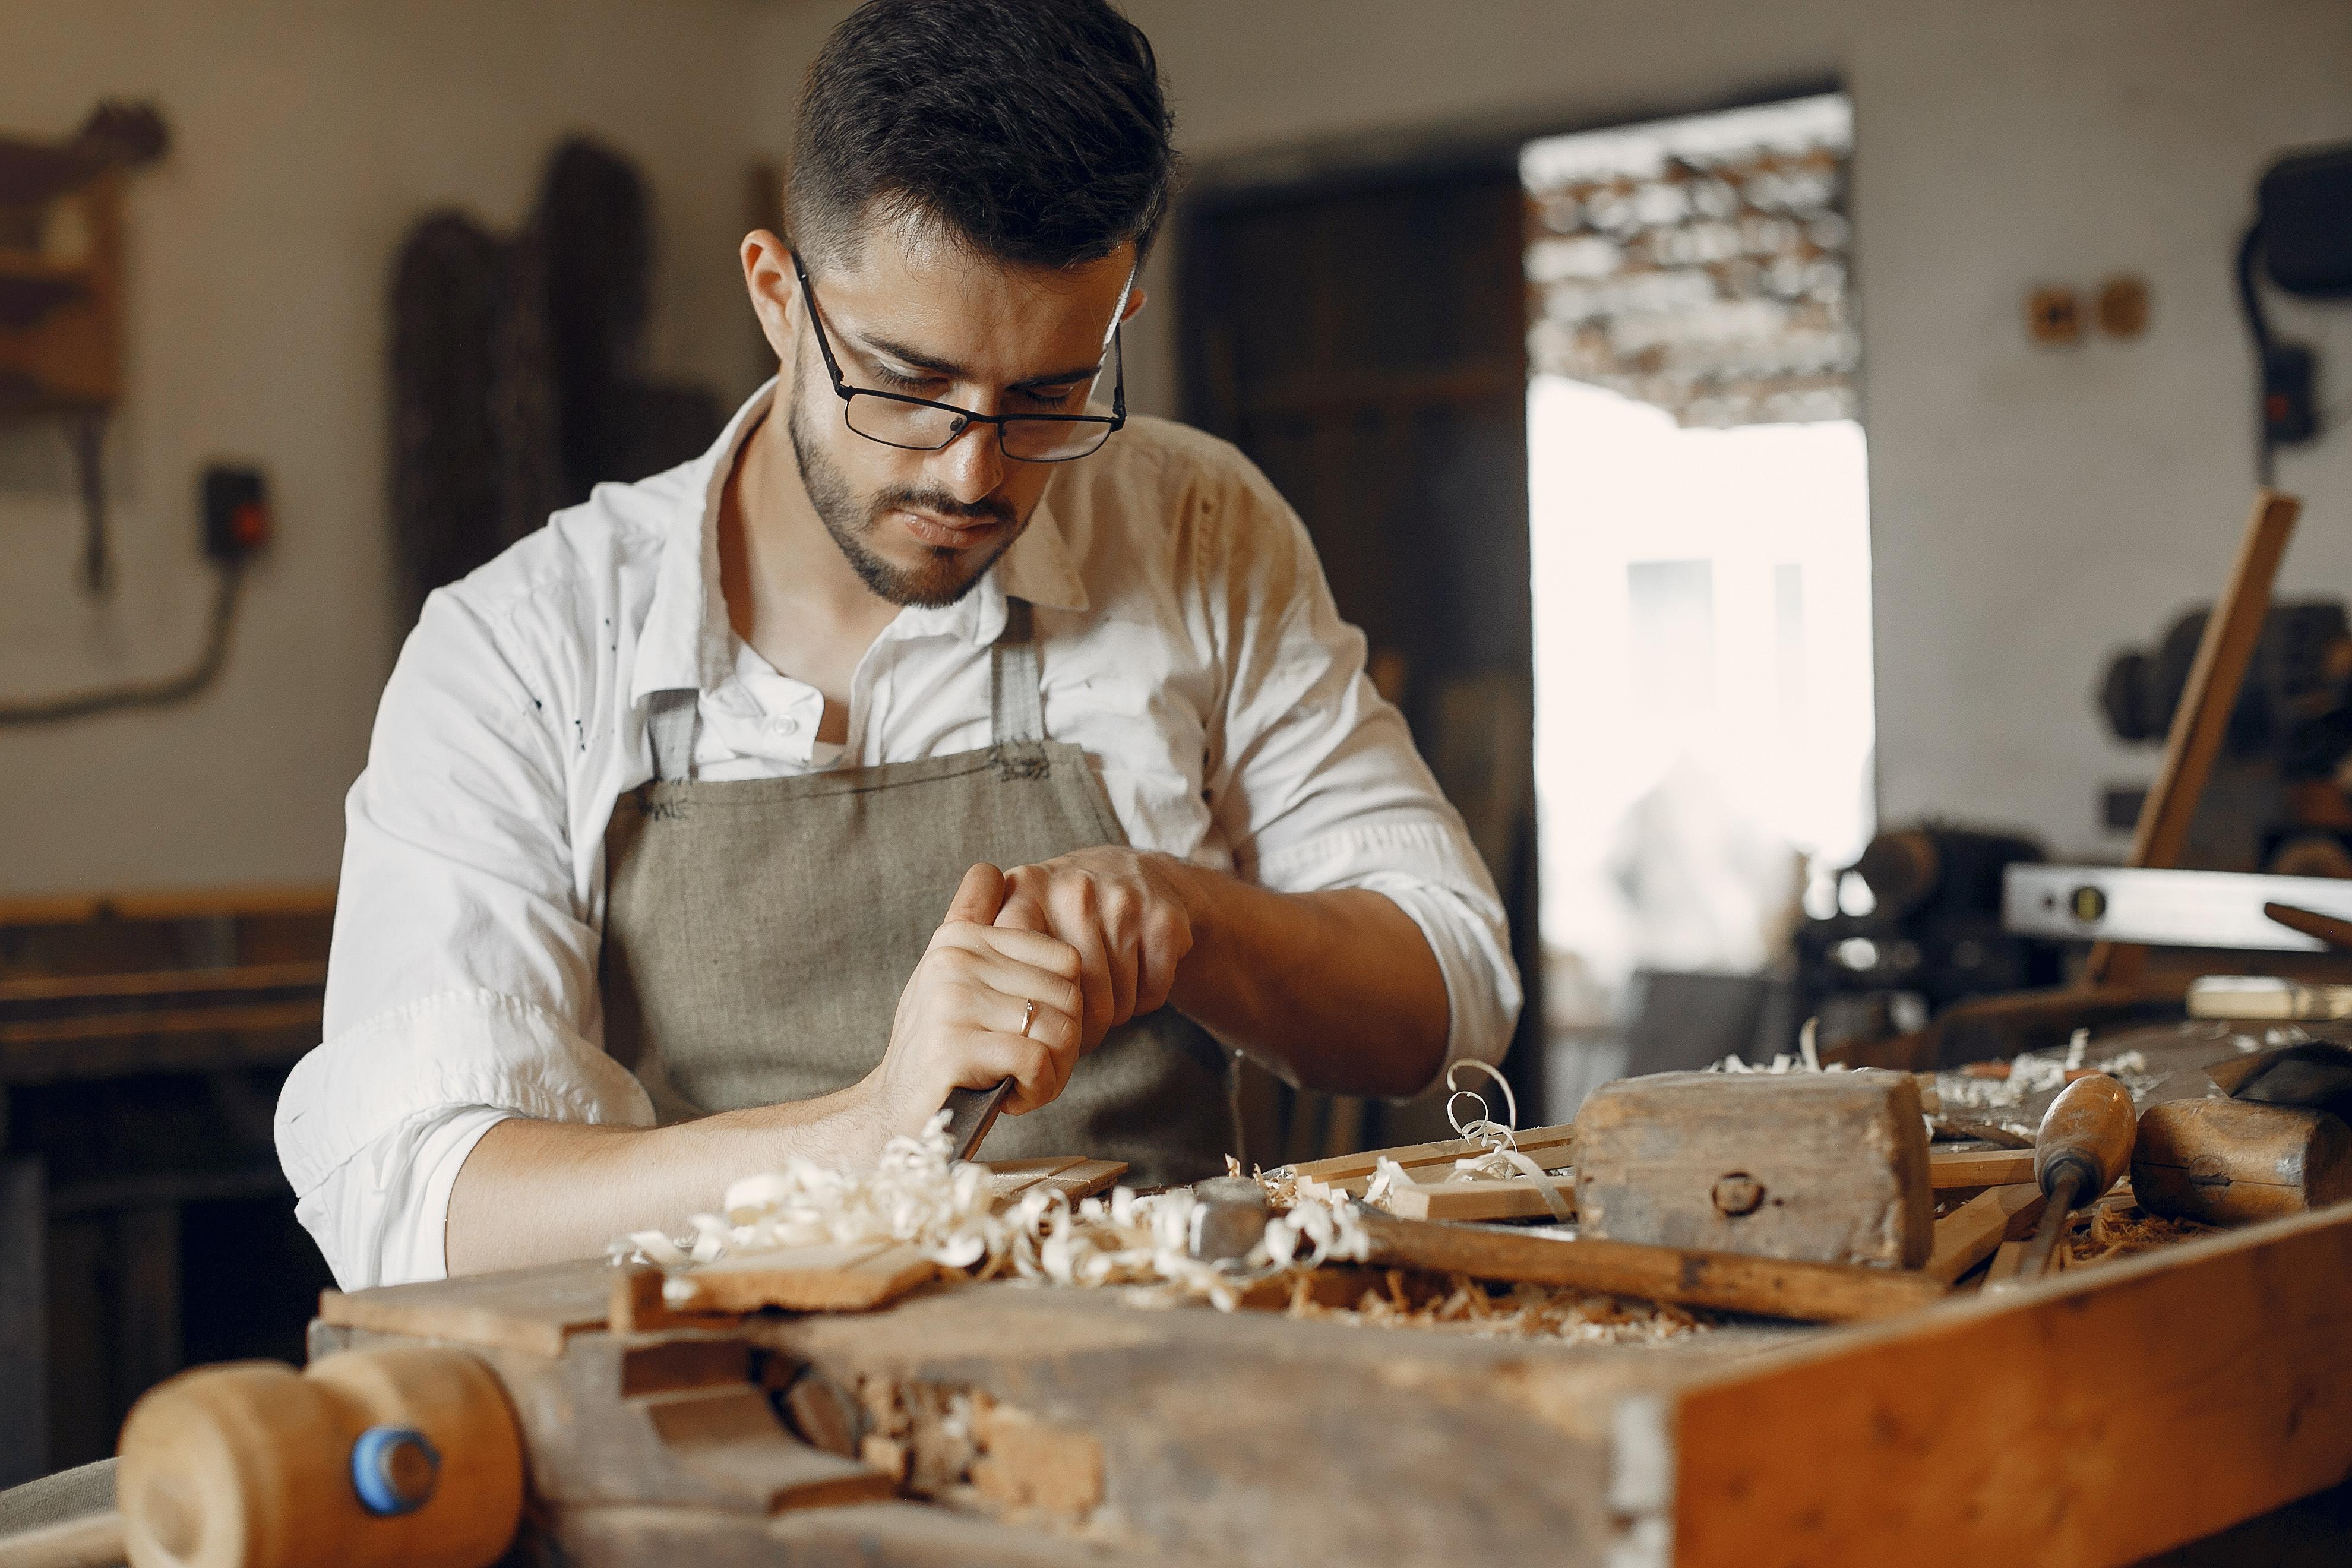 los mejores cursos de bricolaje y decoración Los mejores cursos de bricolaje y decoración Los mejores cursos de bricolaje y decoraci  n